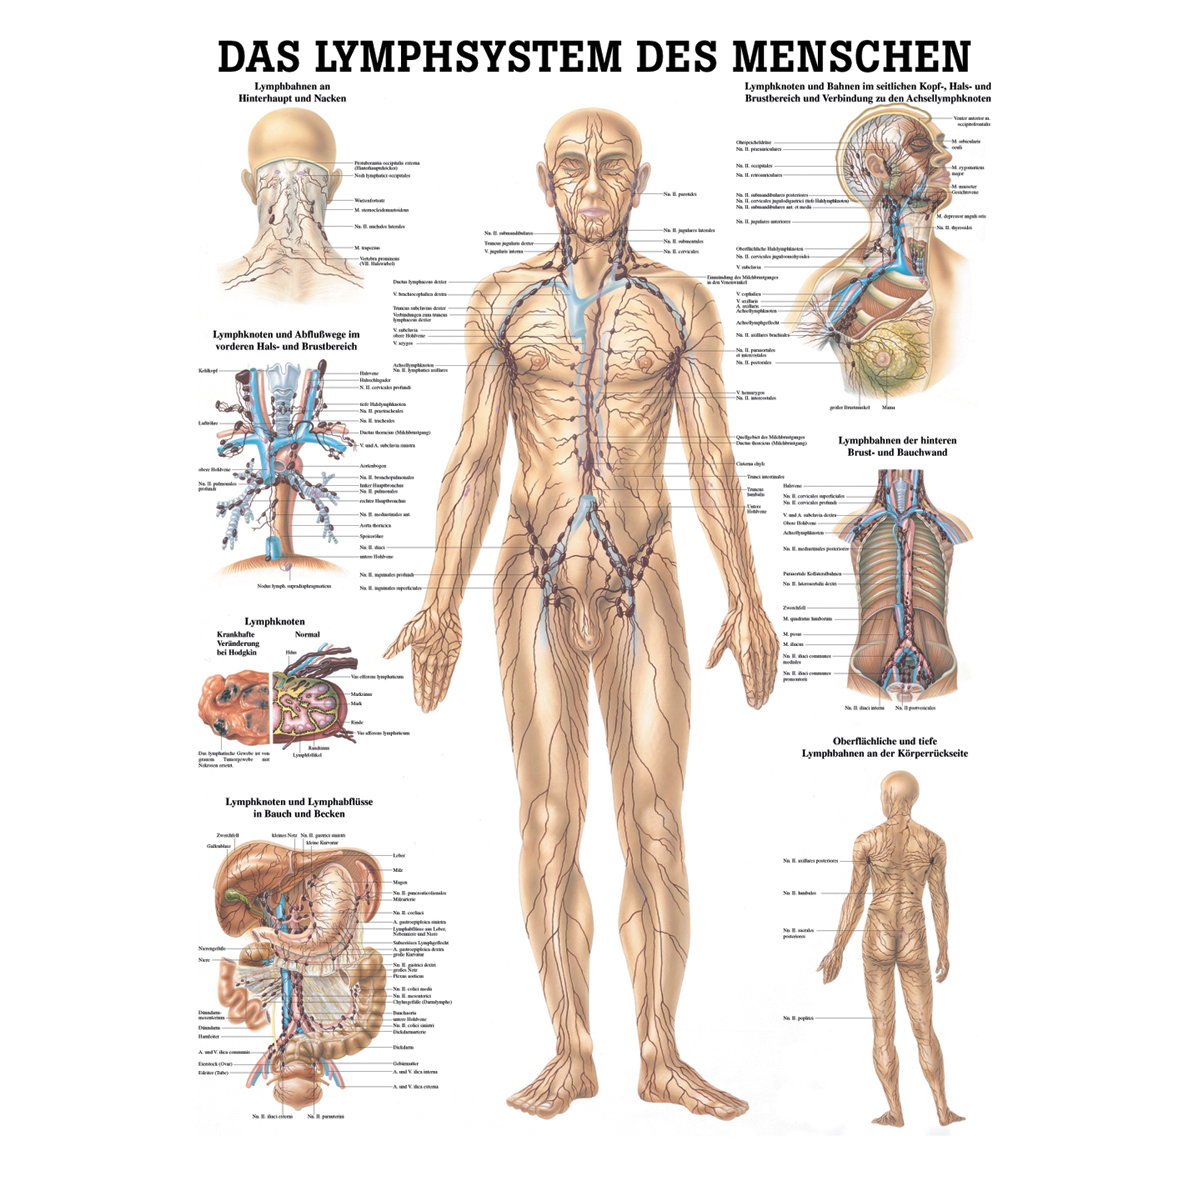 Ausgezeichnet Bilder Der Anatomie Des Menschlichen Körpers Ideen ...